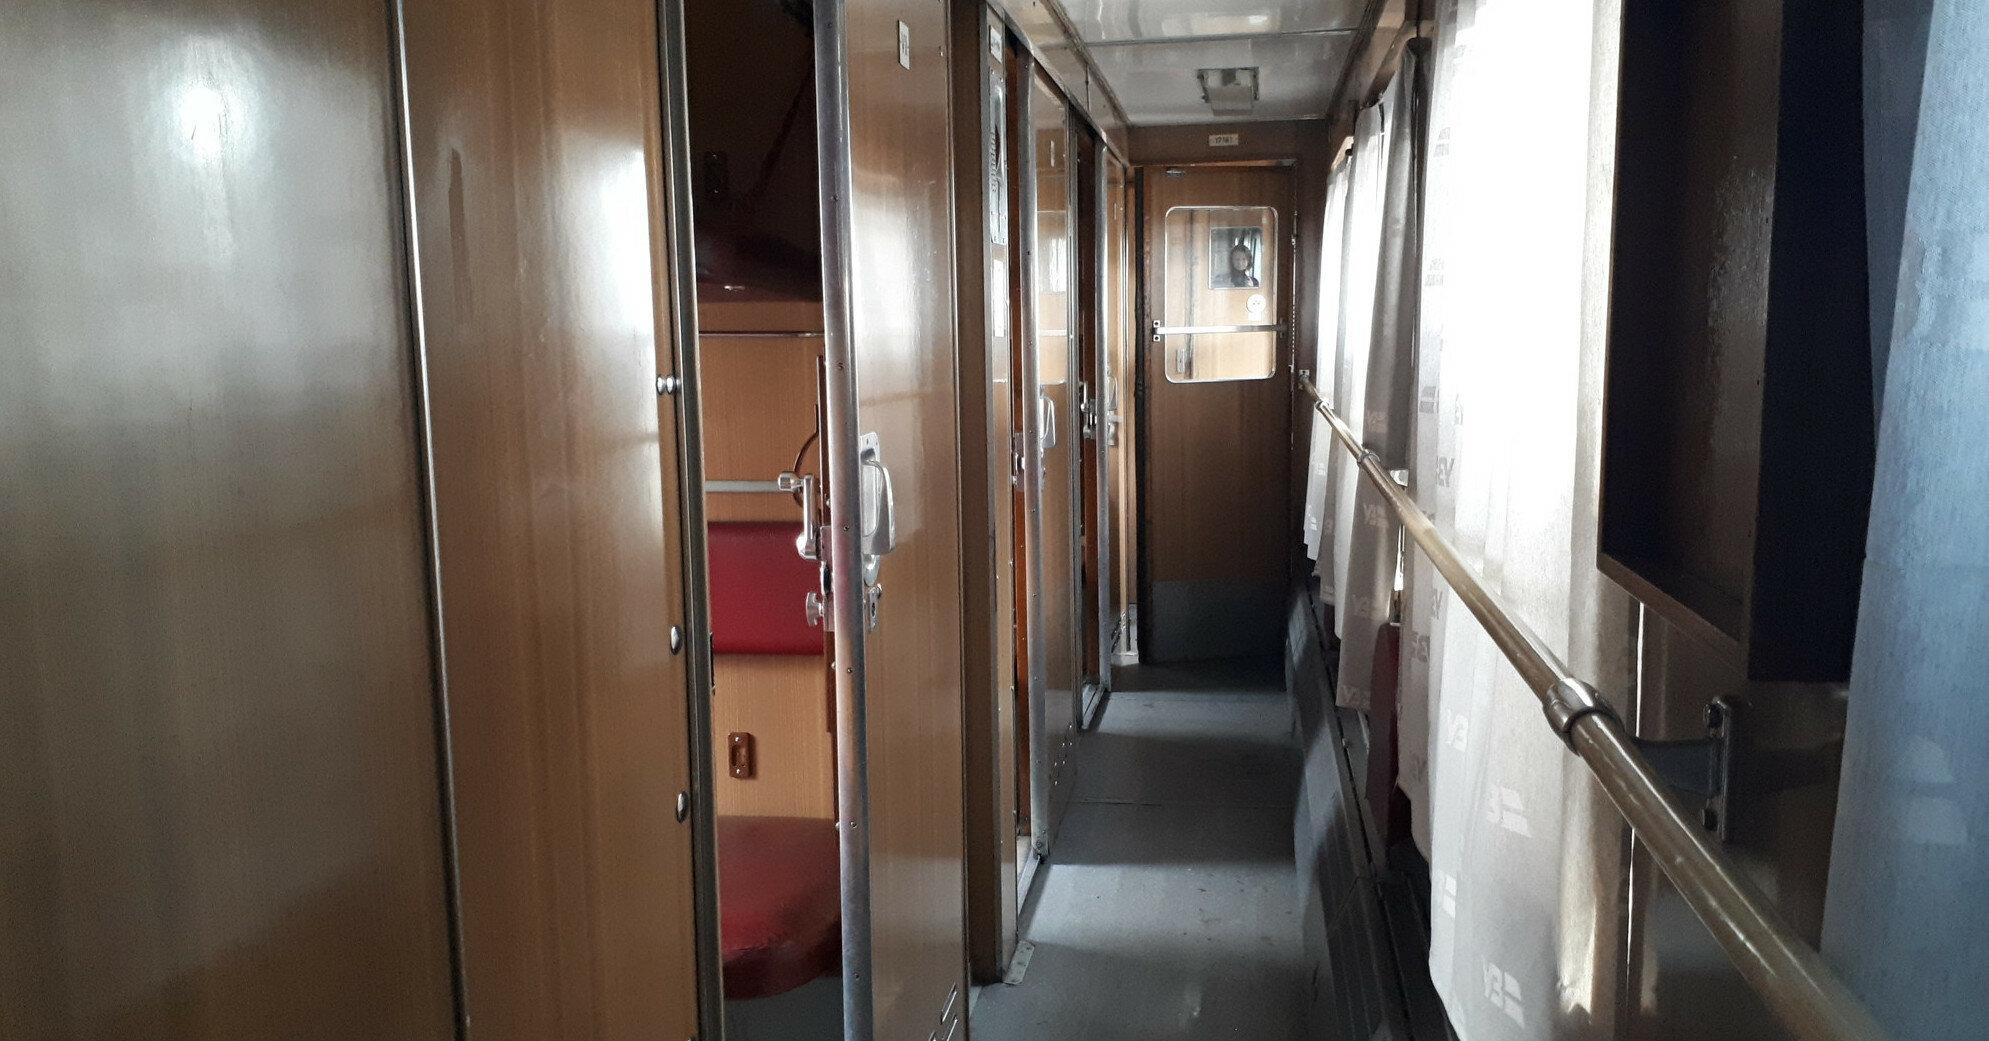 В Укрзализныце пассажирам продали билеты на места, которых нет в поезде